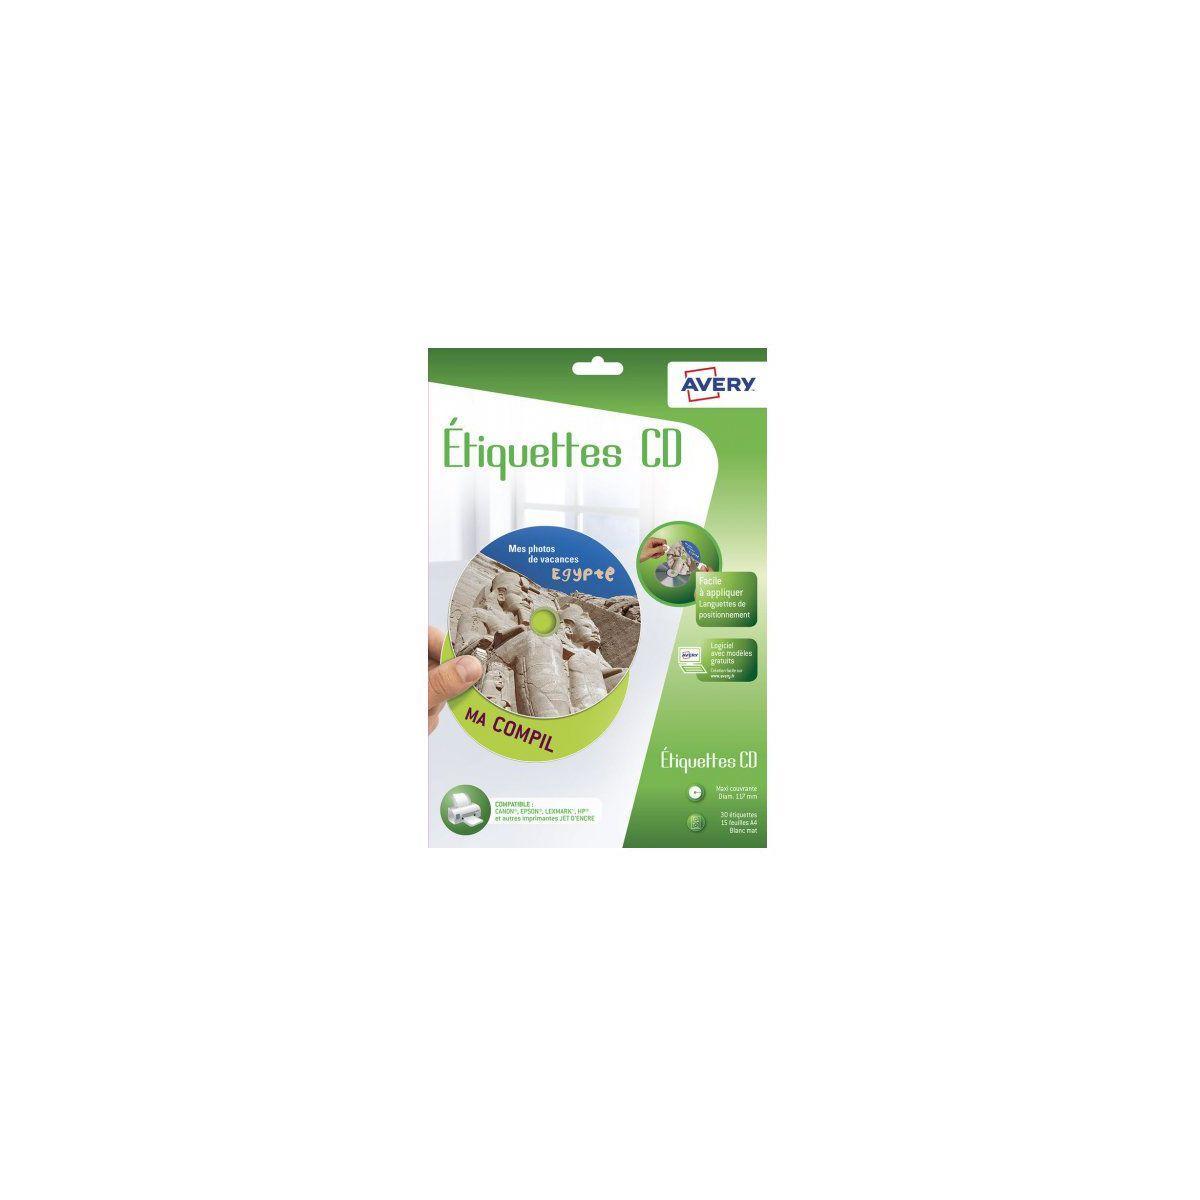 Etiquette AVERY 30 Etiquettes CD (photo)